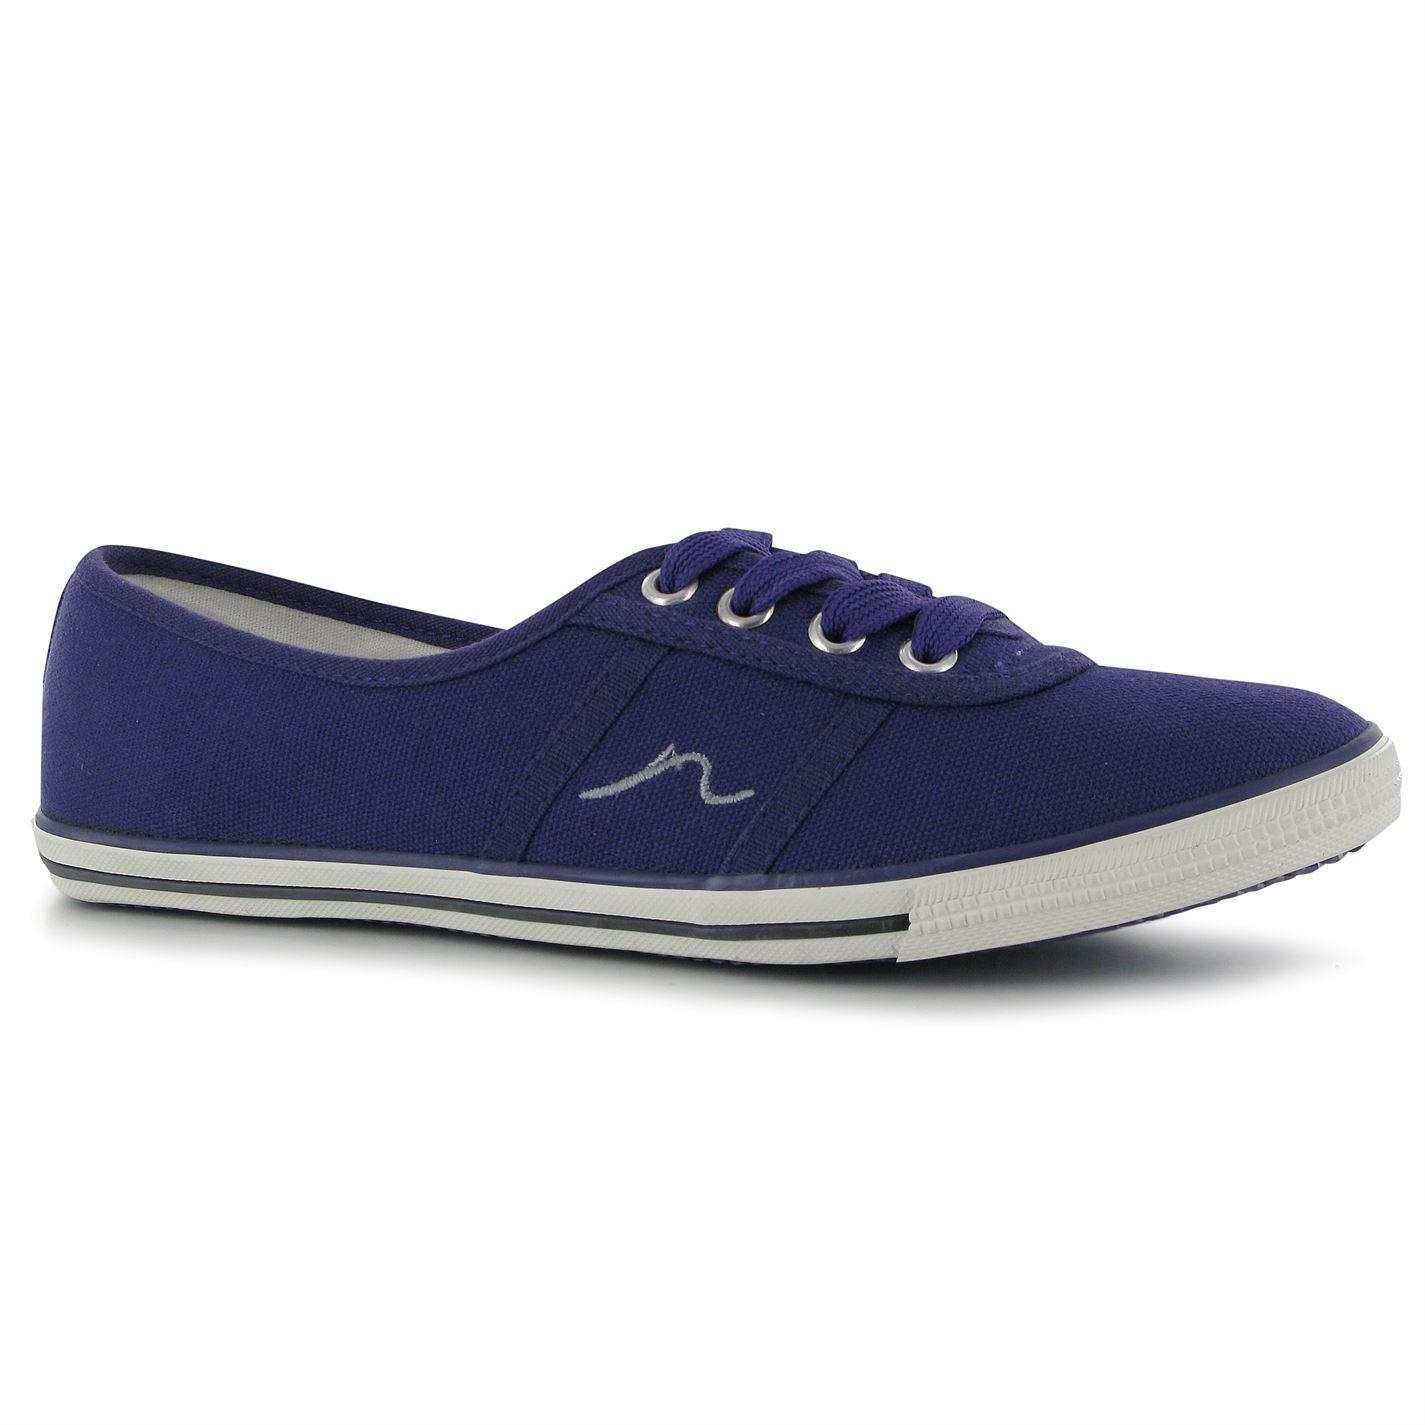 Kangol Lace Ballet Shoes Womens Purple Pumps Flats Slip On Plimsoles